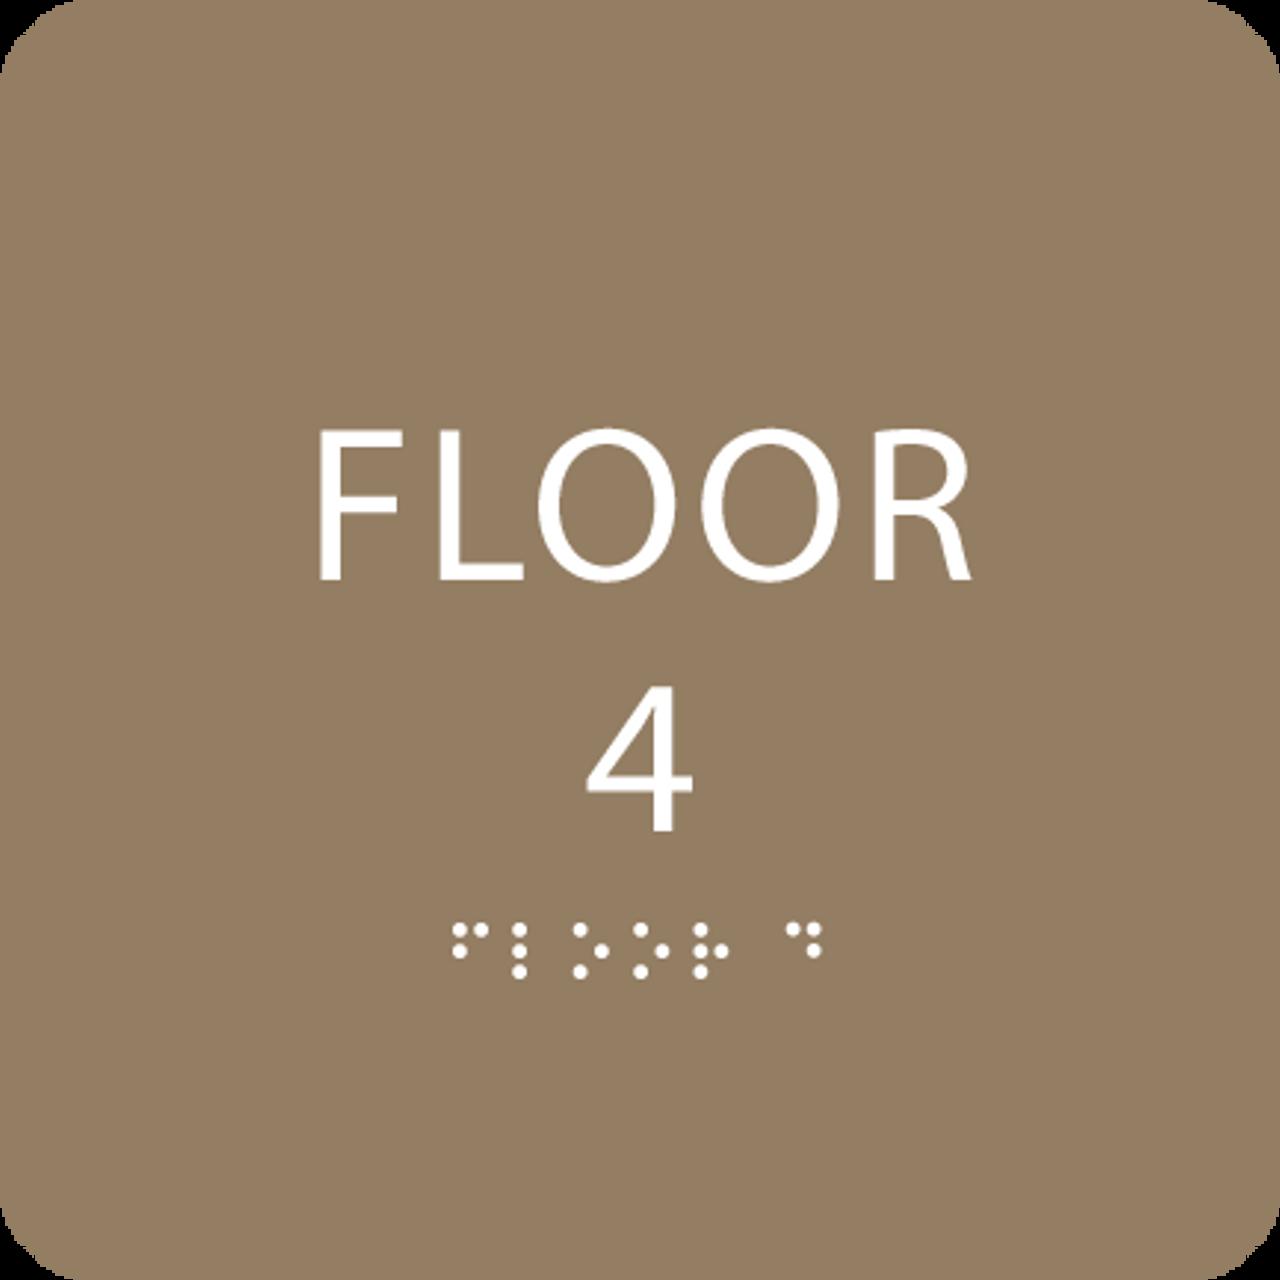 Brown Floor 4 Number Sign